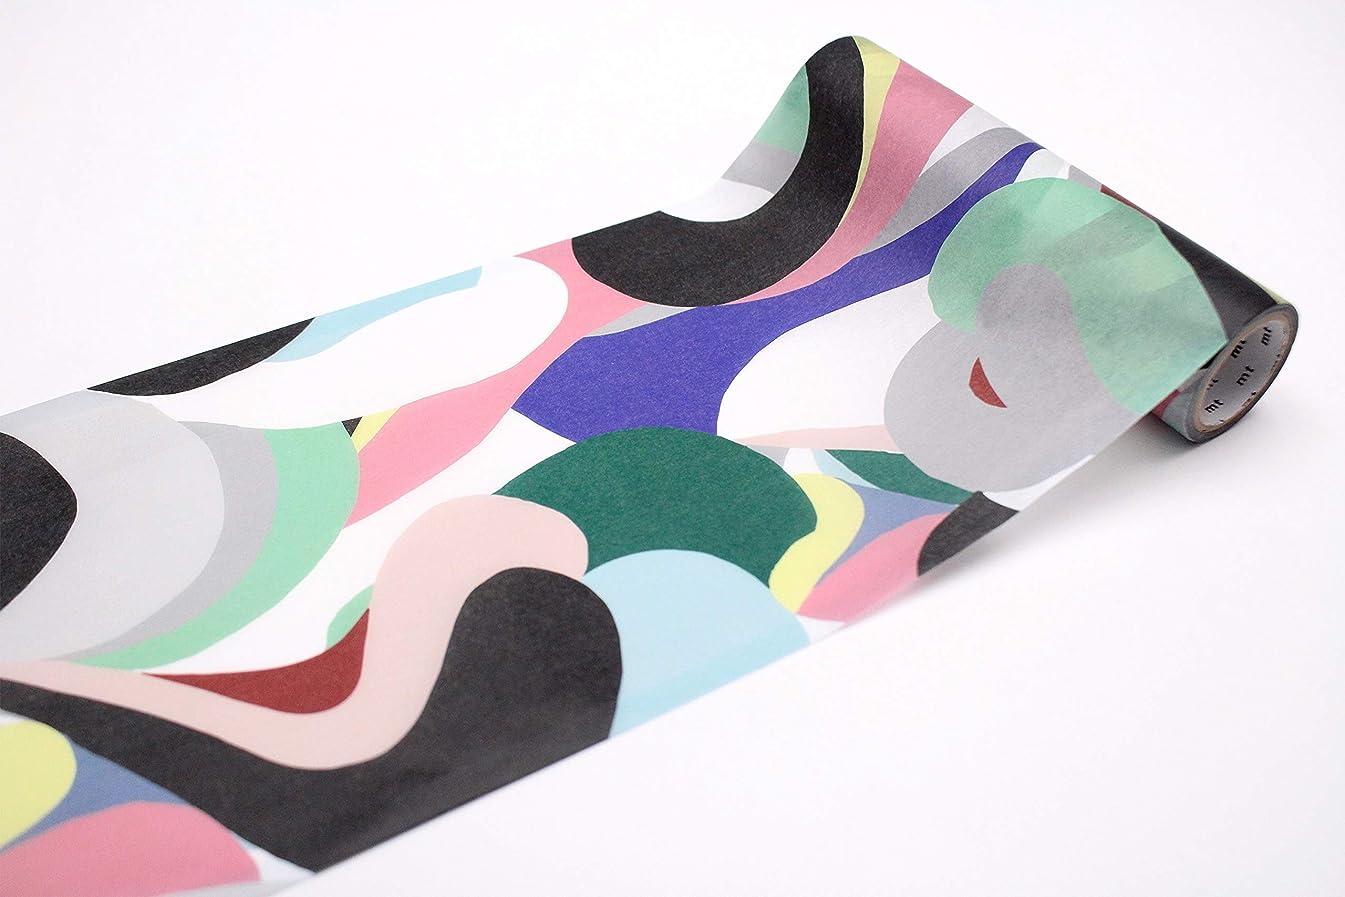 mt wrap Paper Tigre L'Aquarius gift wrap 155mm x 5m